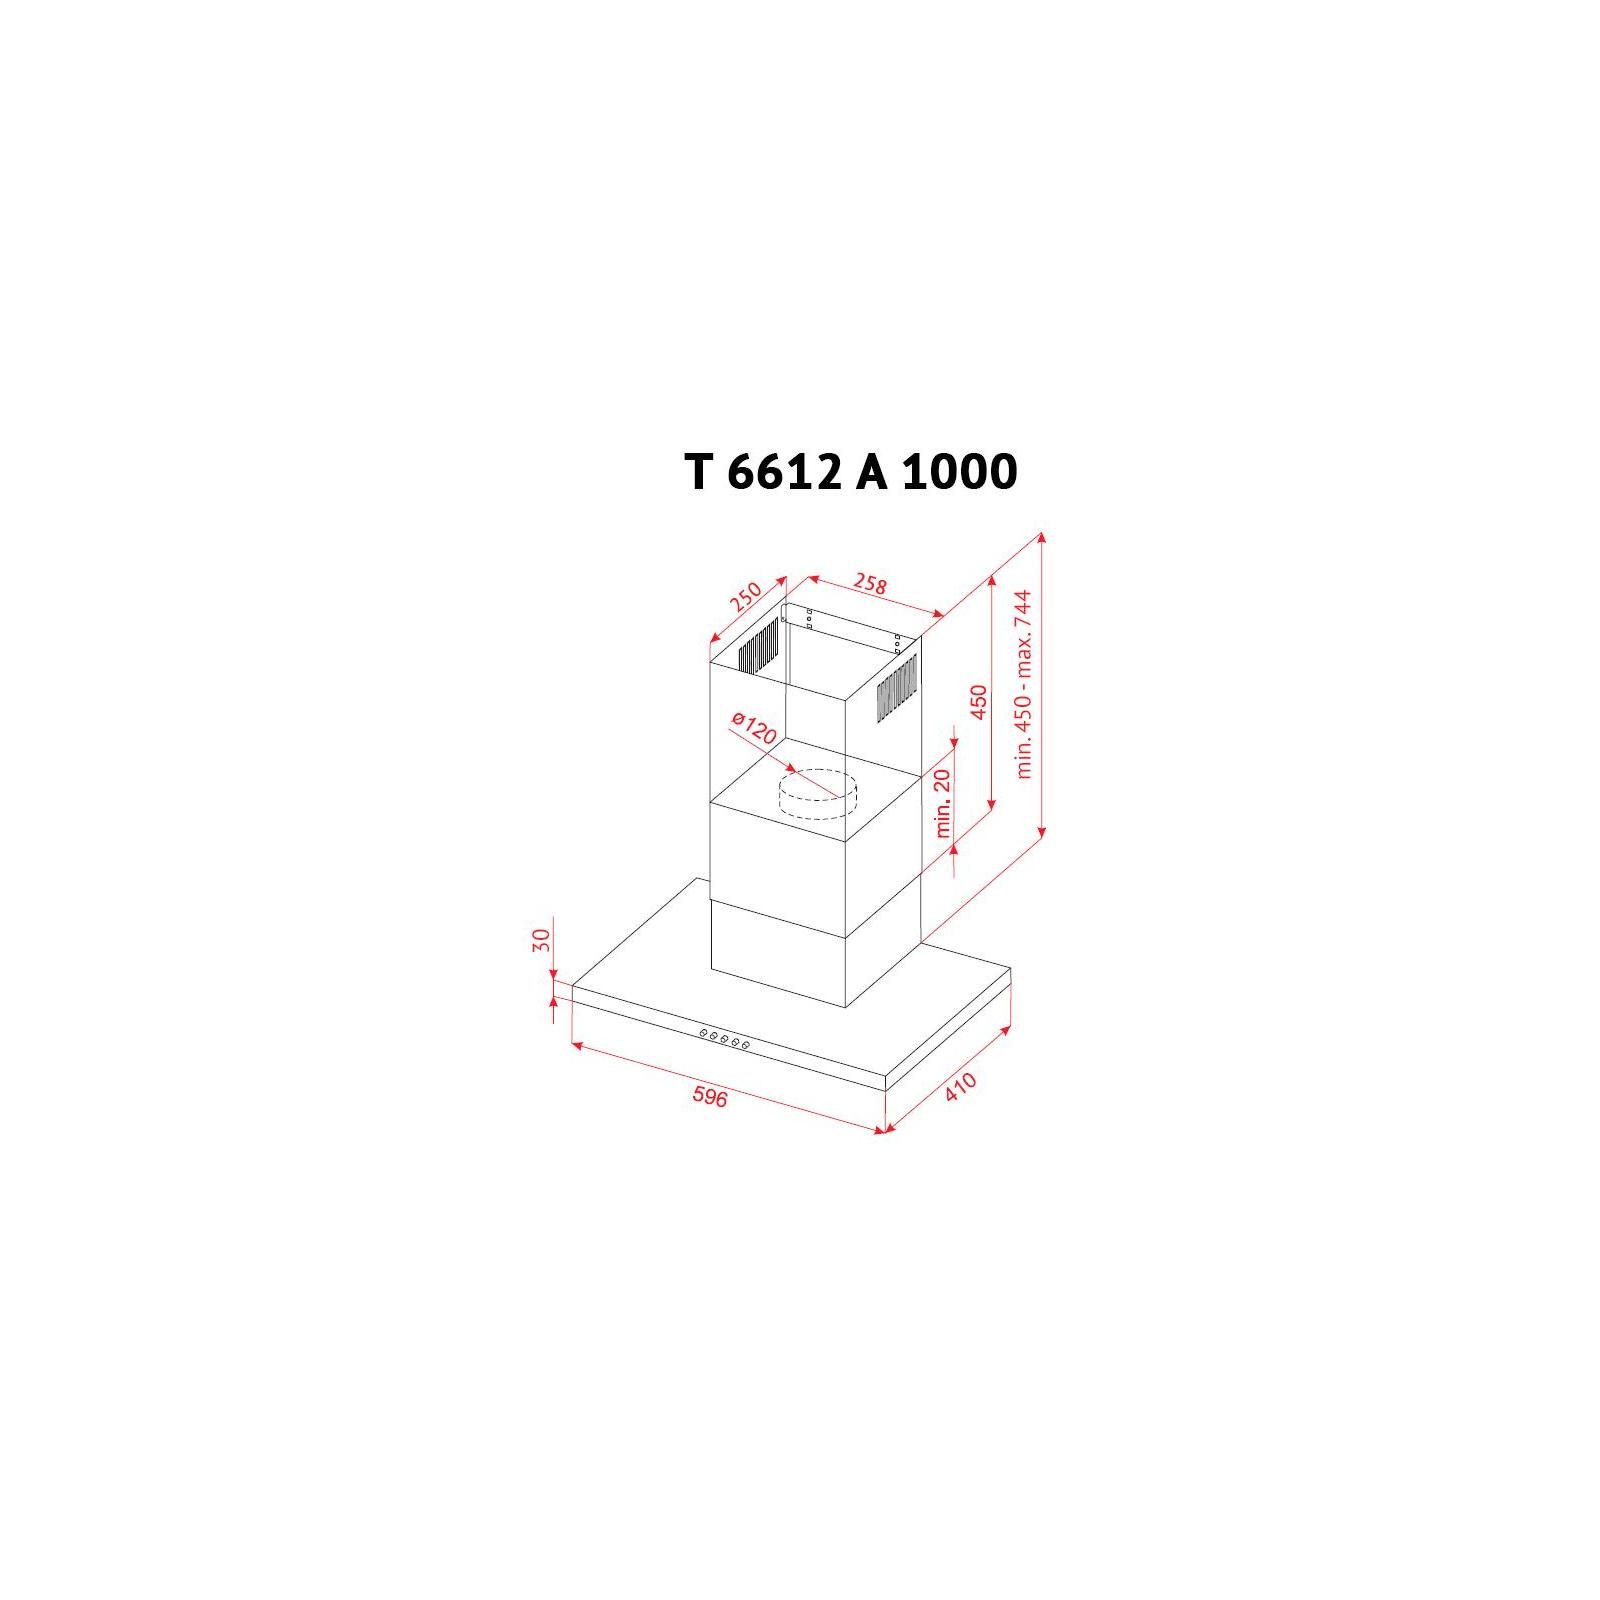 Вытяжка кухонная PERFELLI T 6612 A 1000 IV LED изображение 10